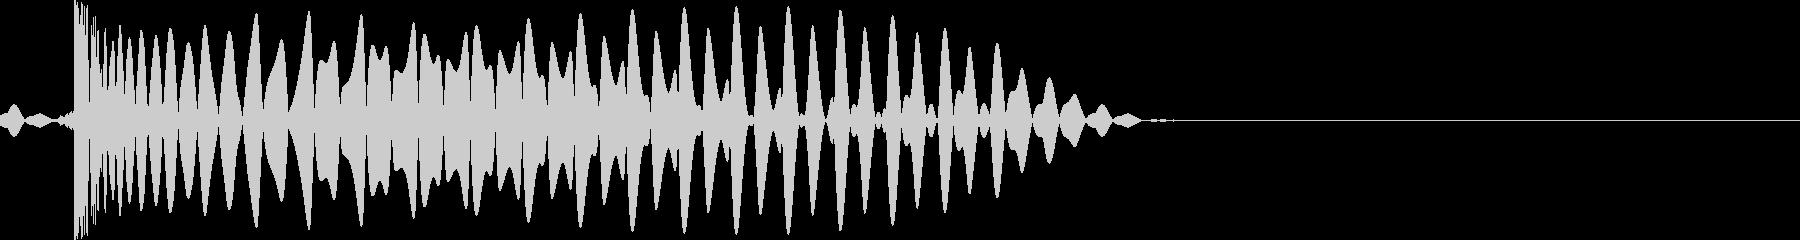 EDMダンス系キー入り【F】キック音ですの未再生の波形